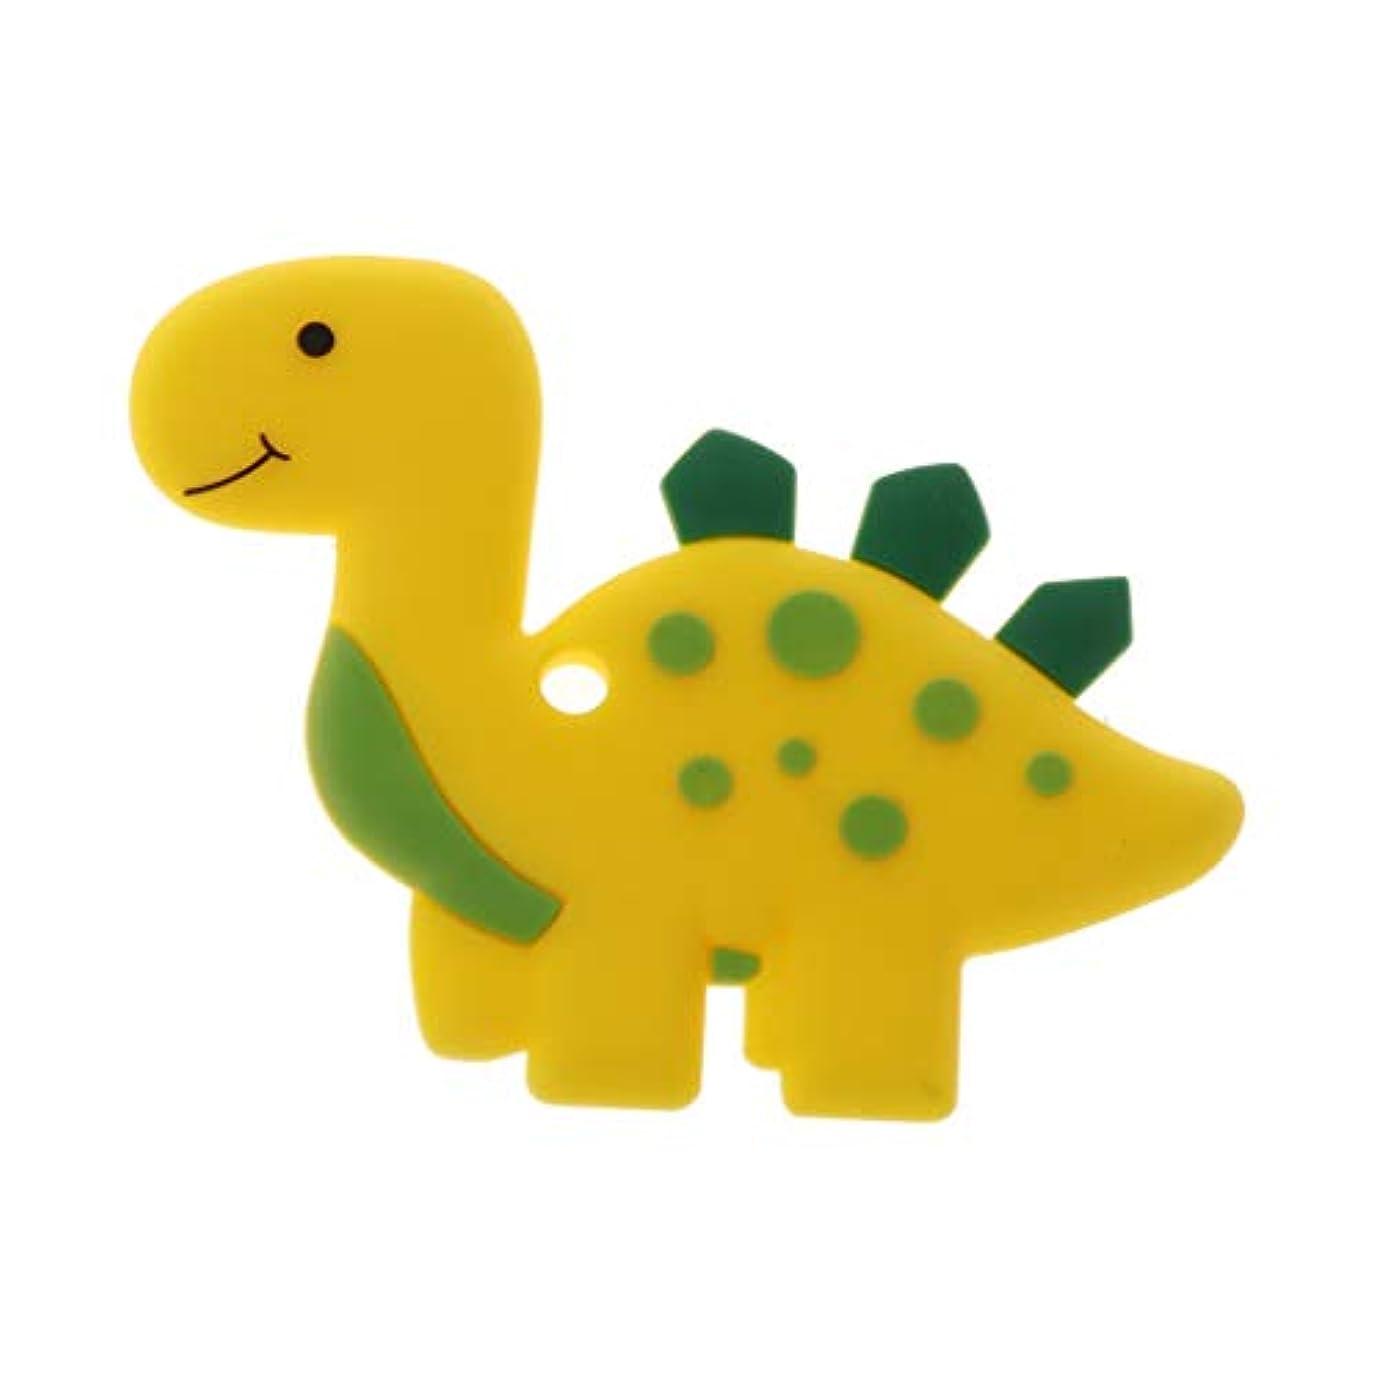 ぶら下がる免疫宣伝Landdumシリコーンおしゃぶり恐竜おしゃべり赤ちゃん看護玩具かむ玩具歯が生えるガラガラおもちゃ - ロイヤルブルー